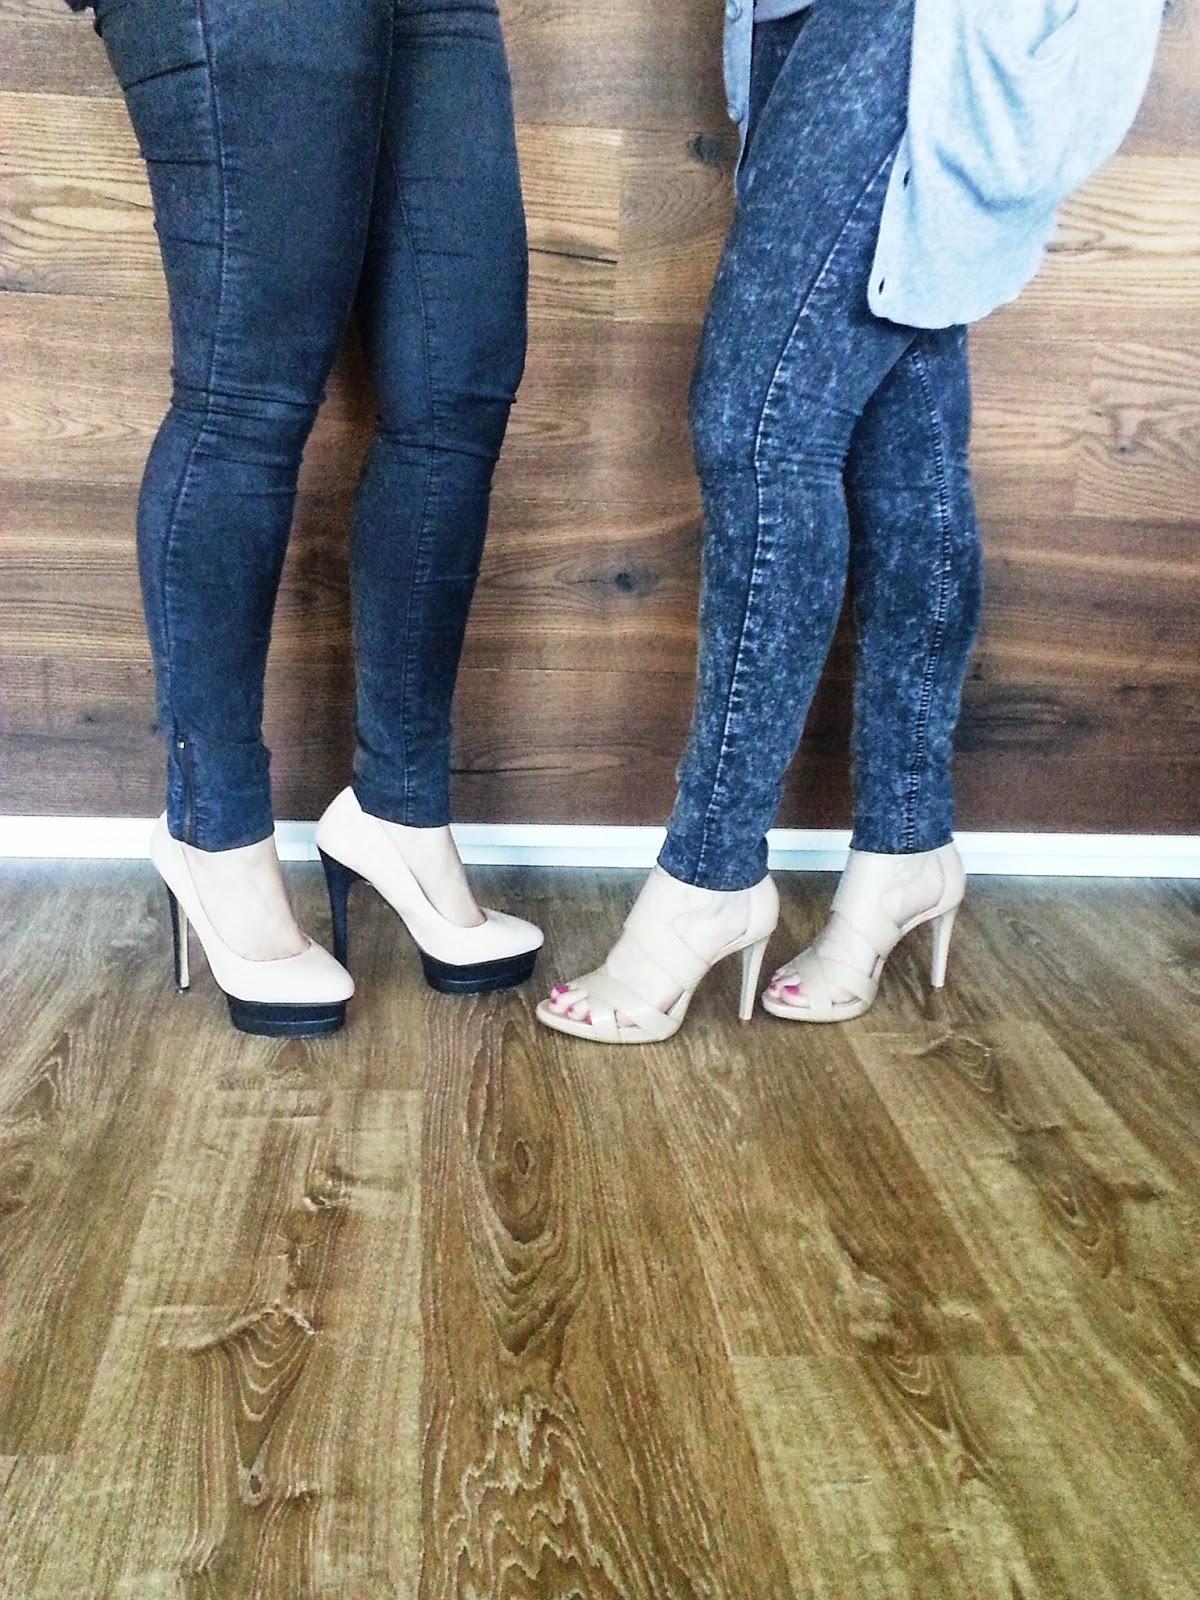 High Heels auf Laminatboden